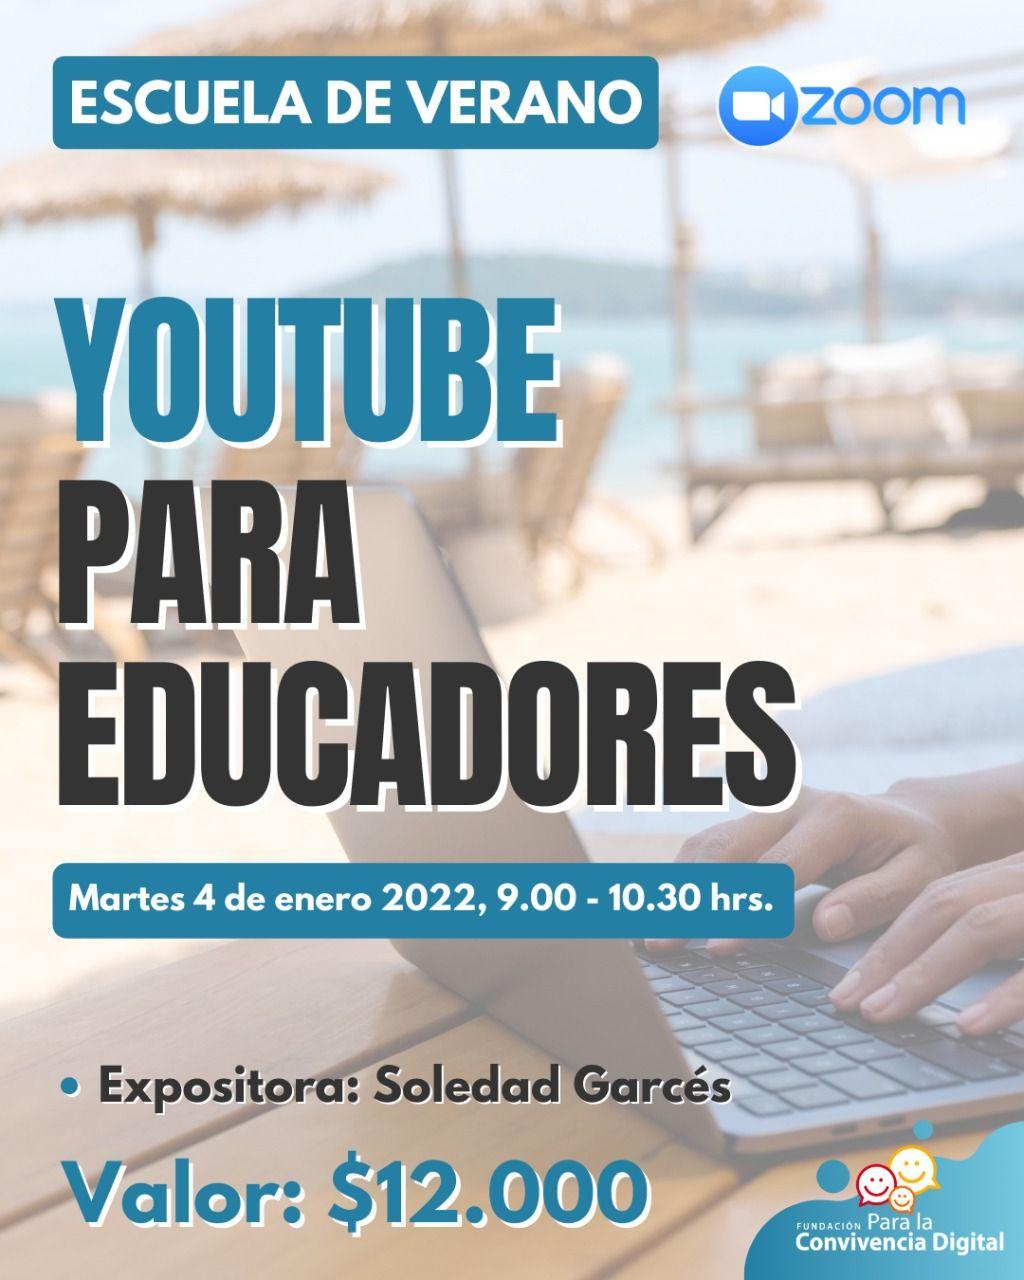 Youtube para educadores